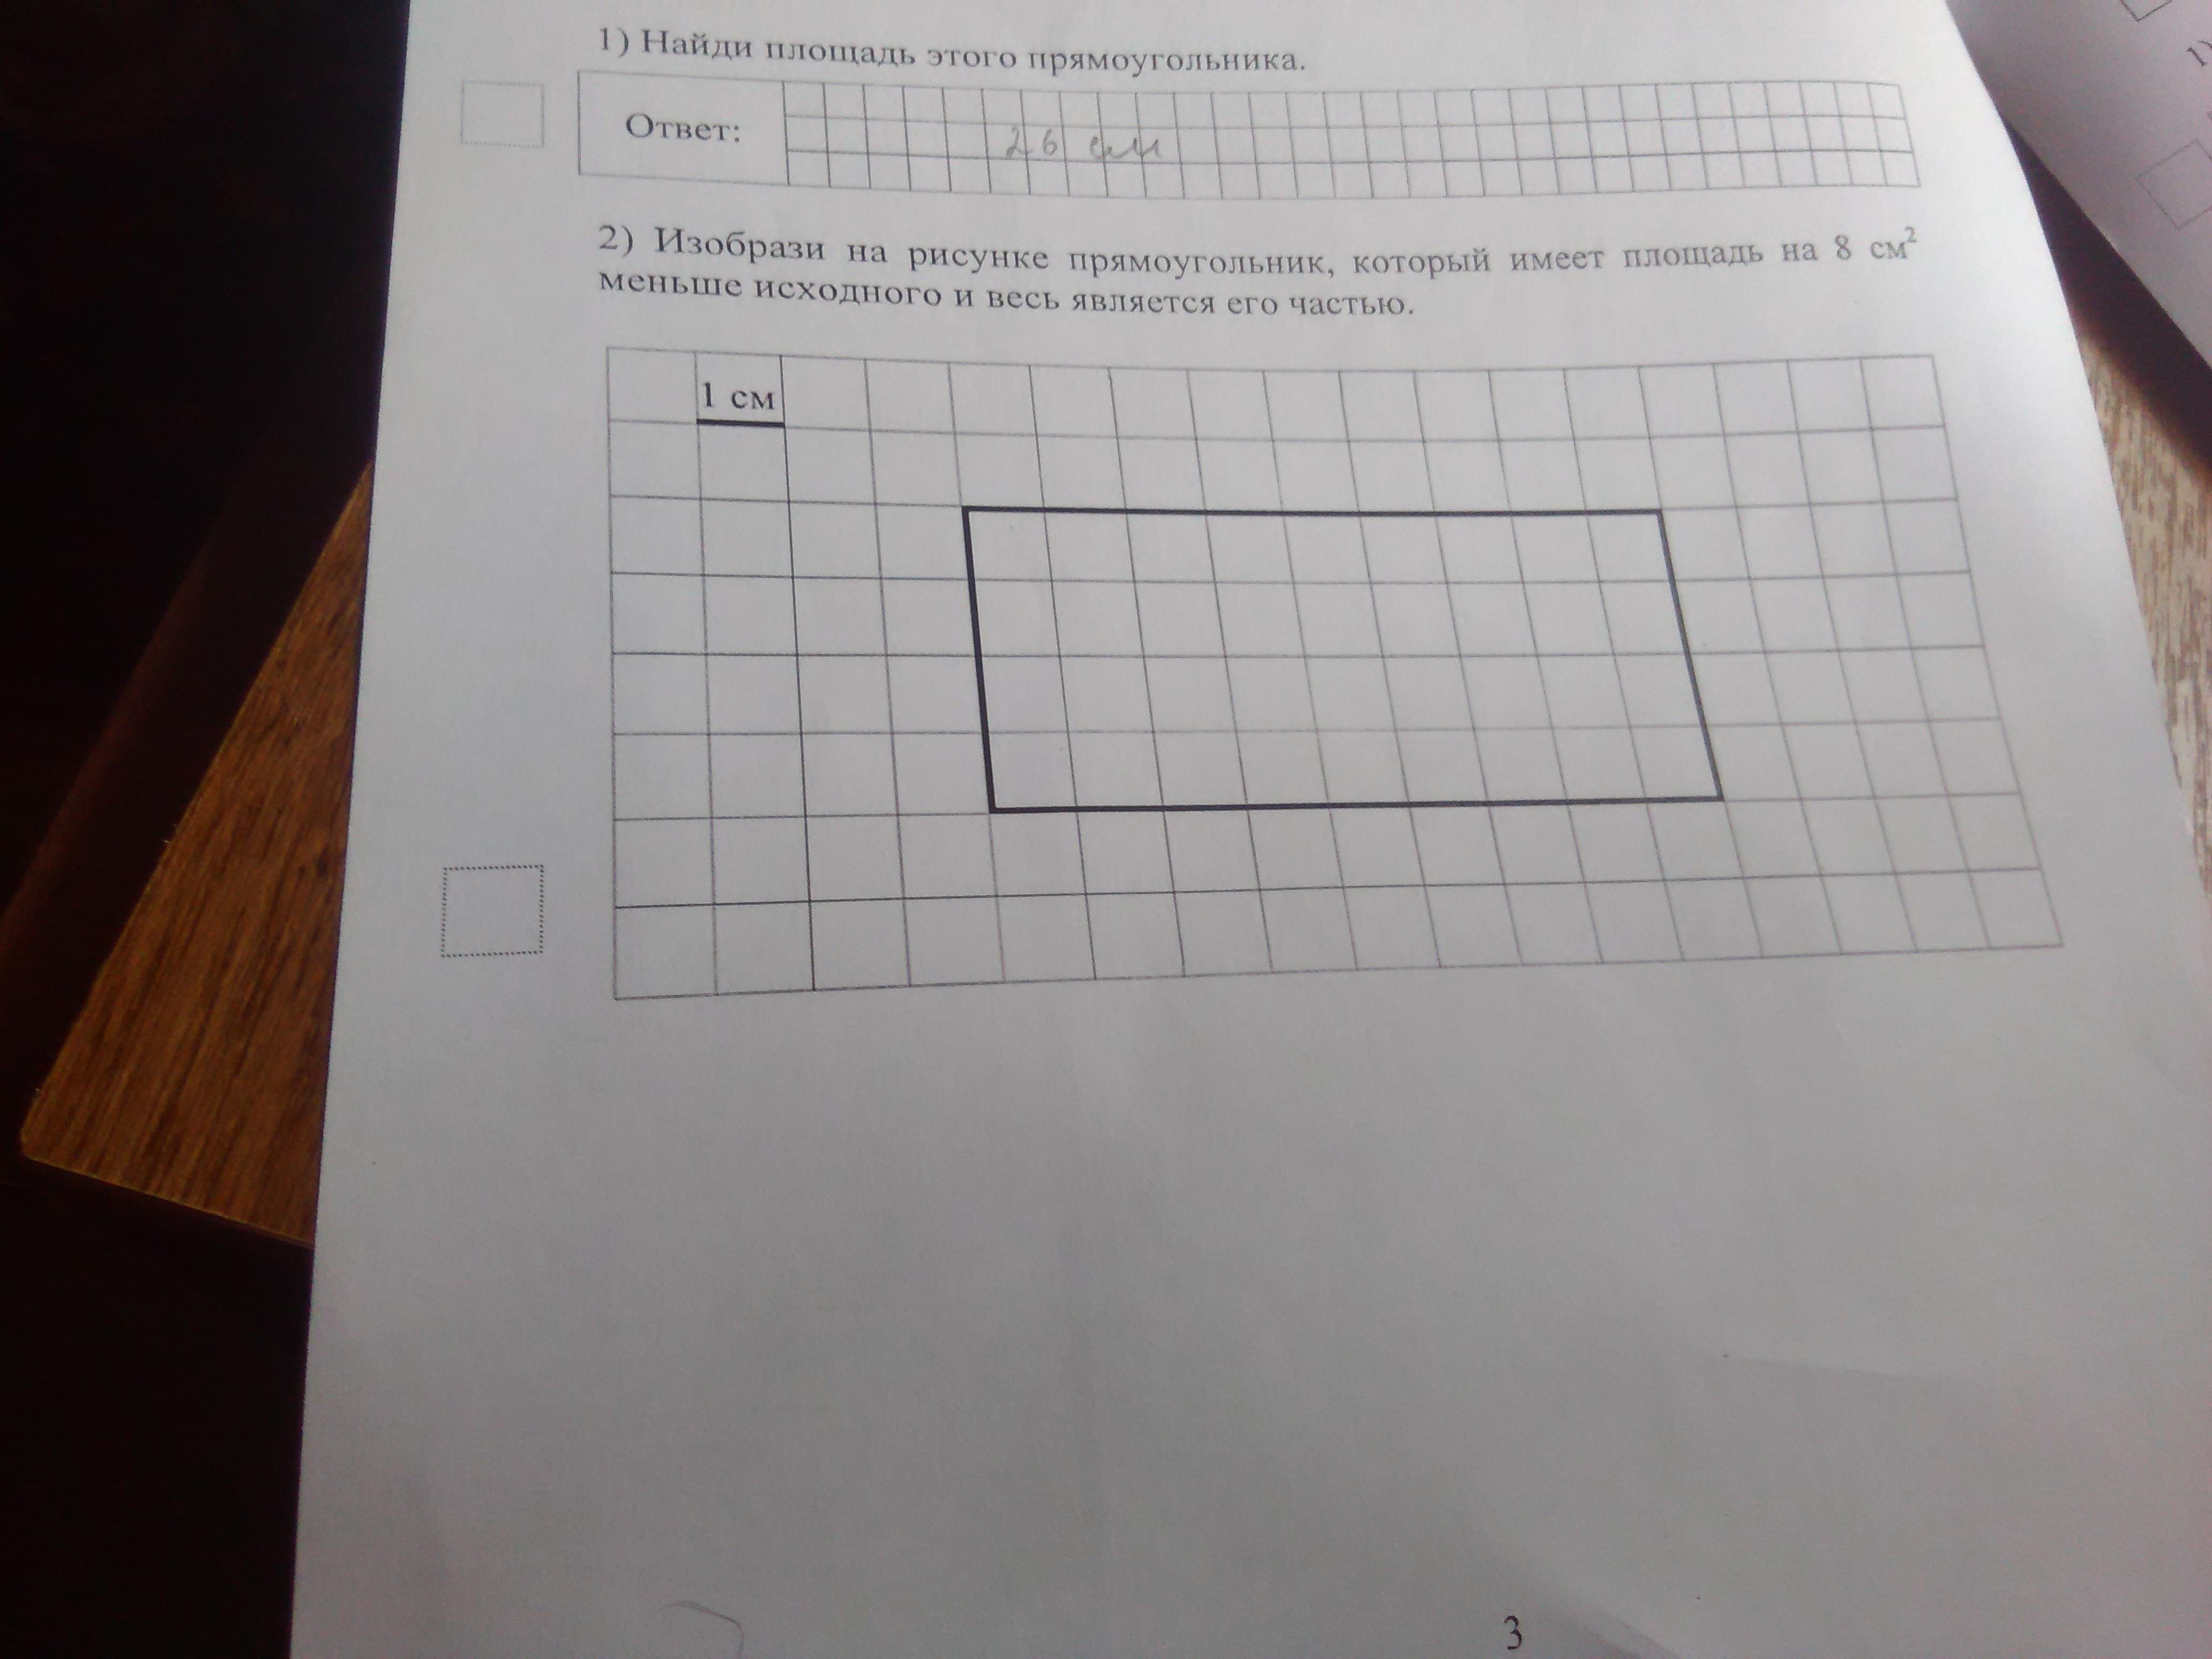 Изобрази на рисунке прямоугольник имеющий площадь